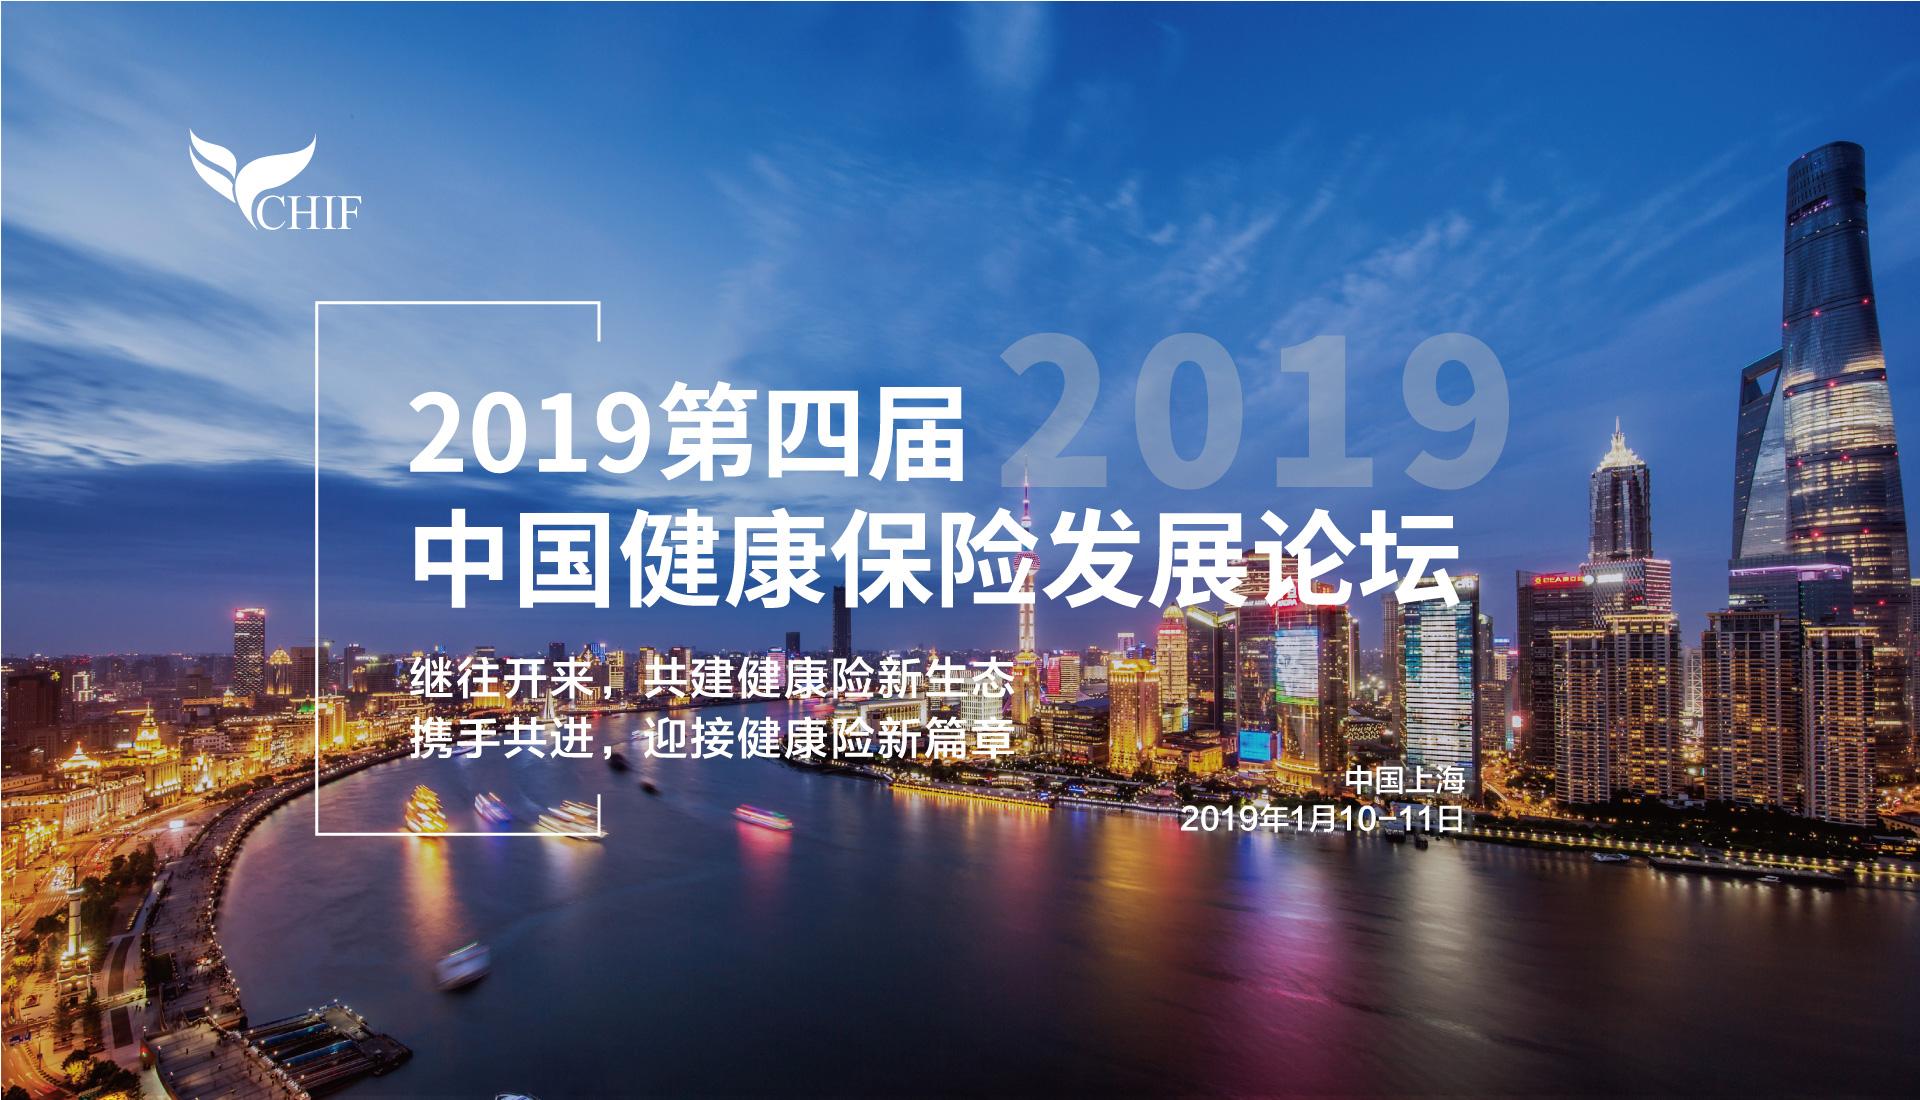 (已结束)2019第四届中国健康保险发展论坛